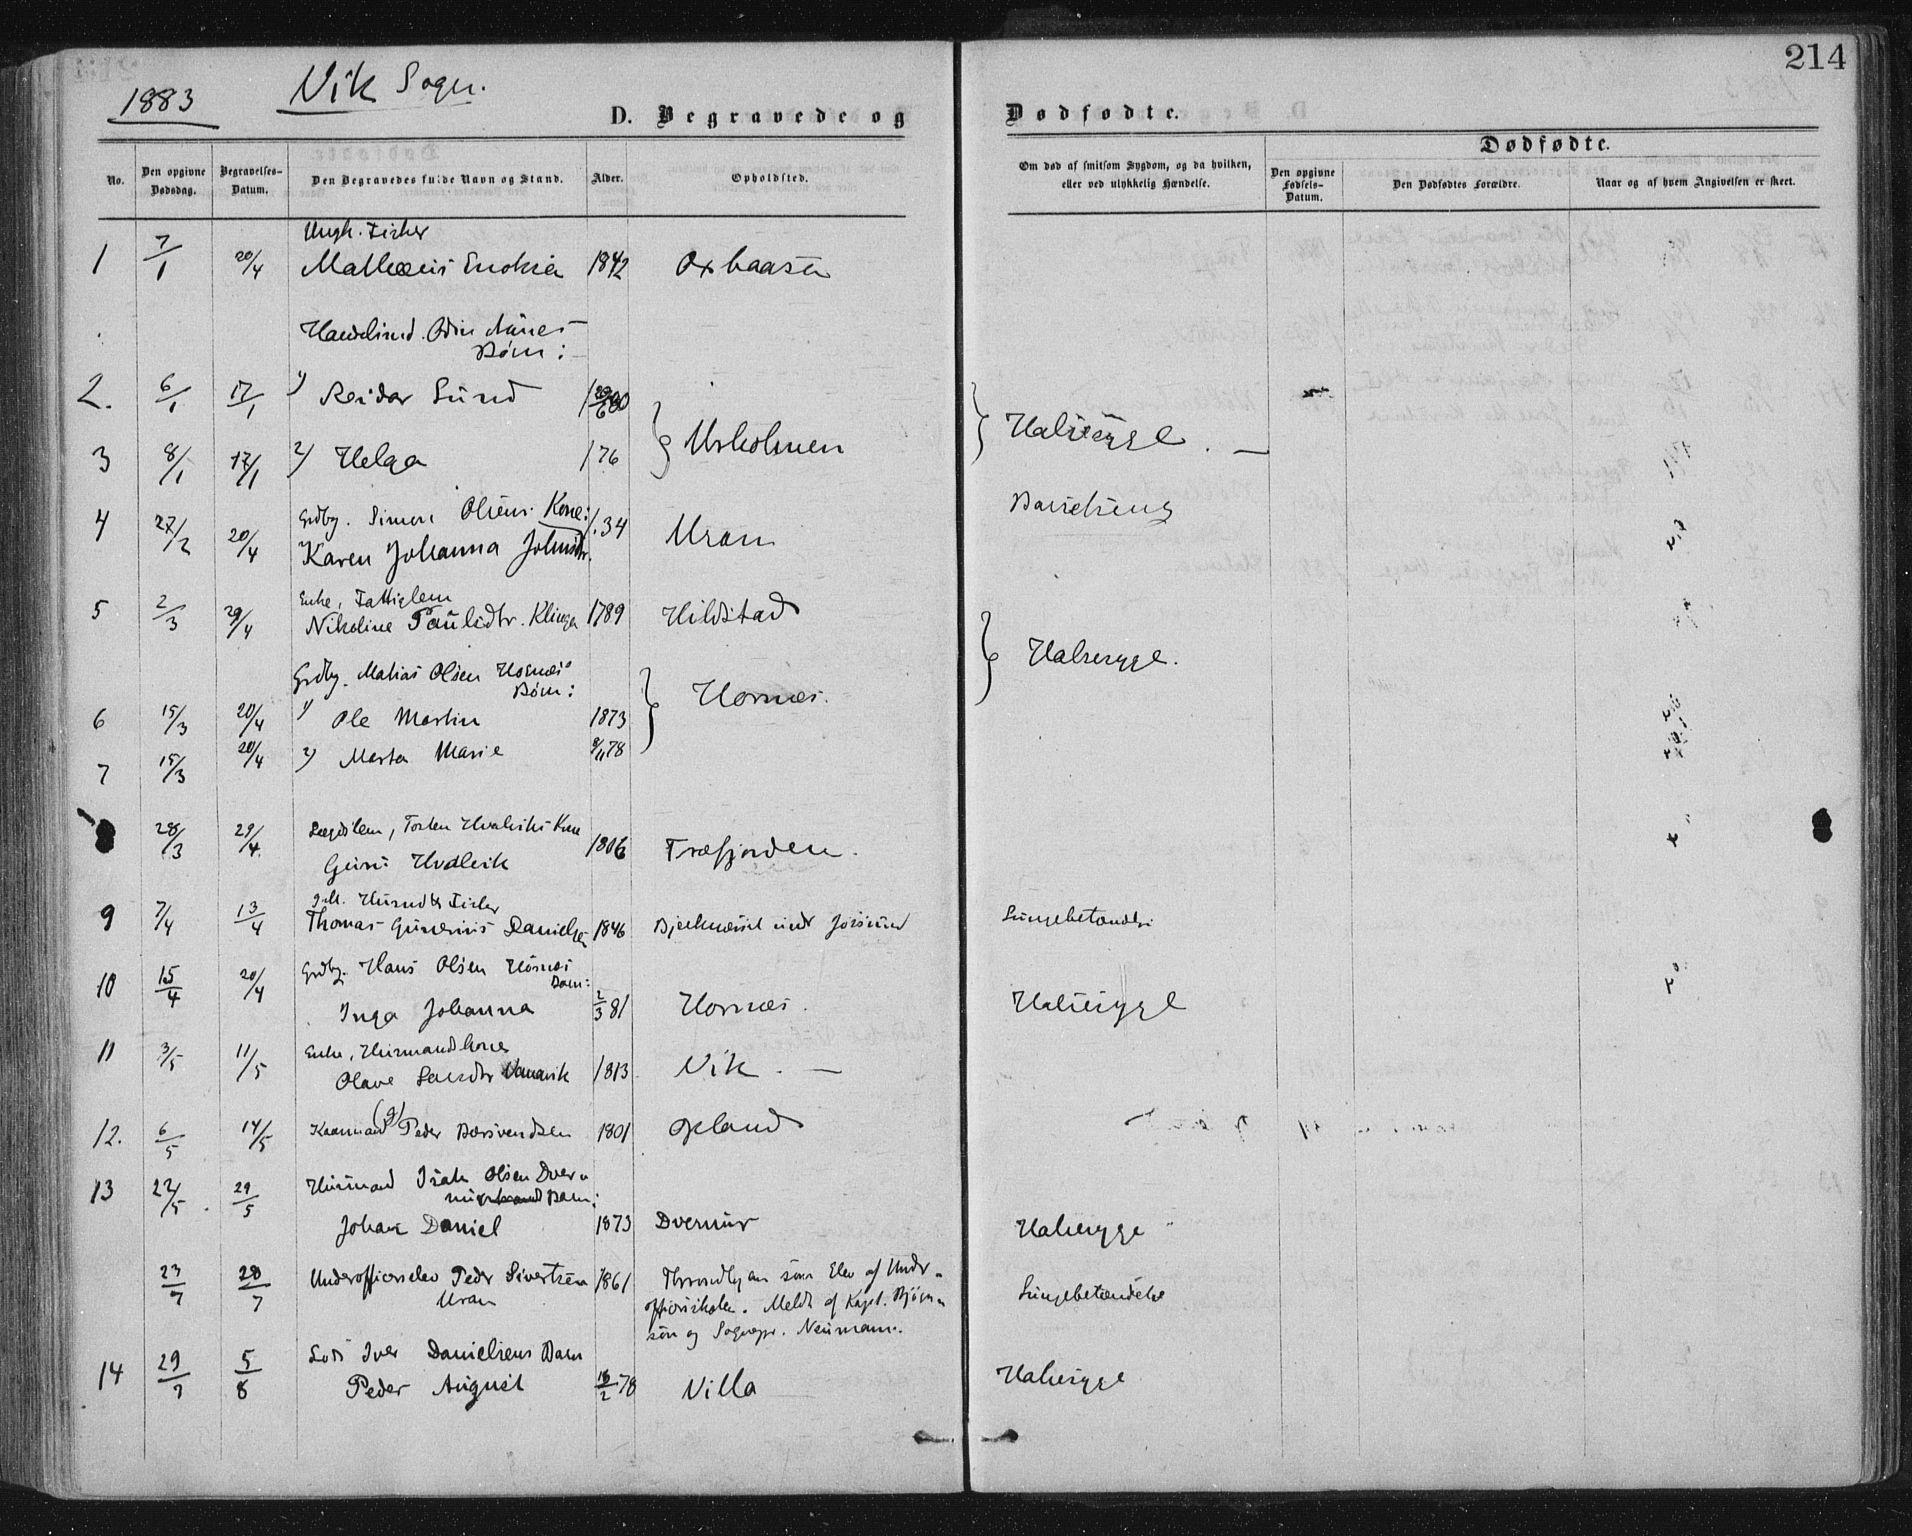 SAT, Ministerialprotokoller, klokkerbøker og fødselsregistre - Nord-Trøndelag, 771/L0596: Ministerialbok nr. 771A03, 1870-1884, s. 214